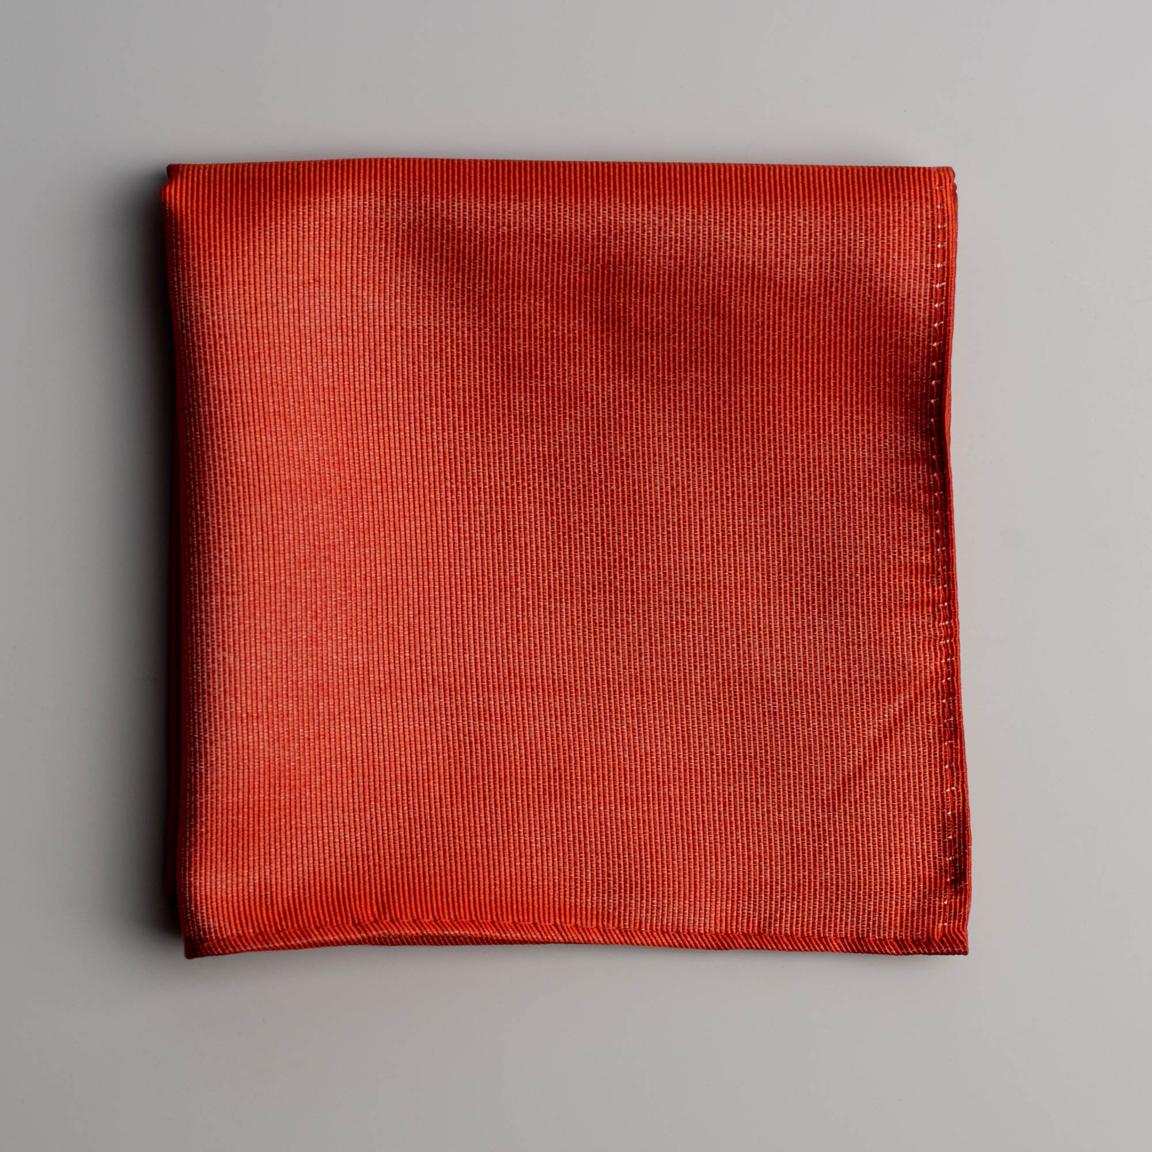 Mouchoir de poche en soie orange